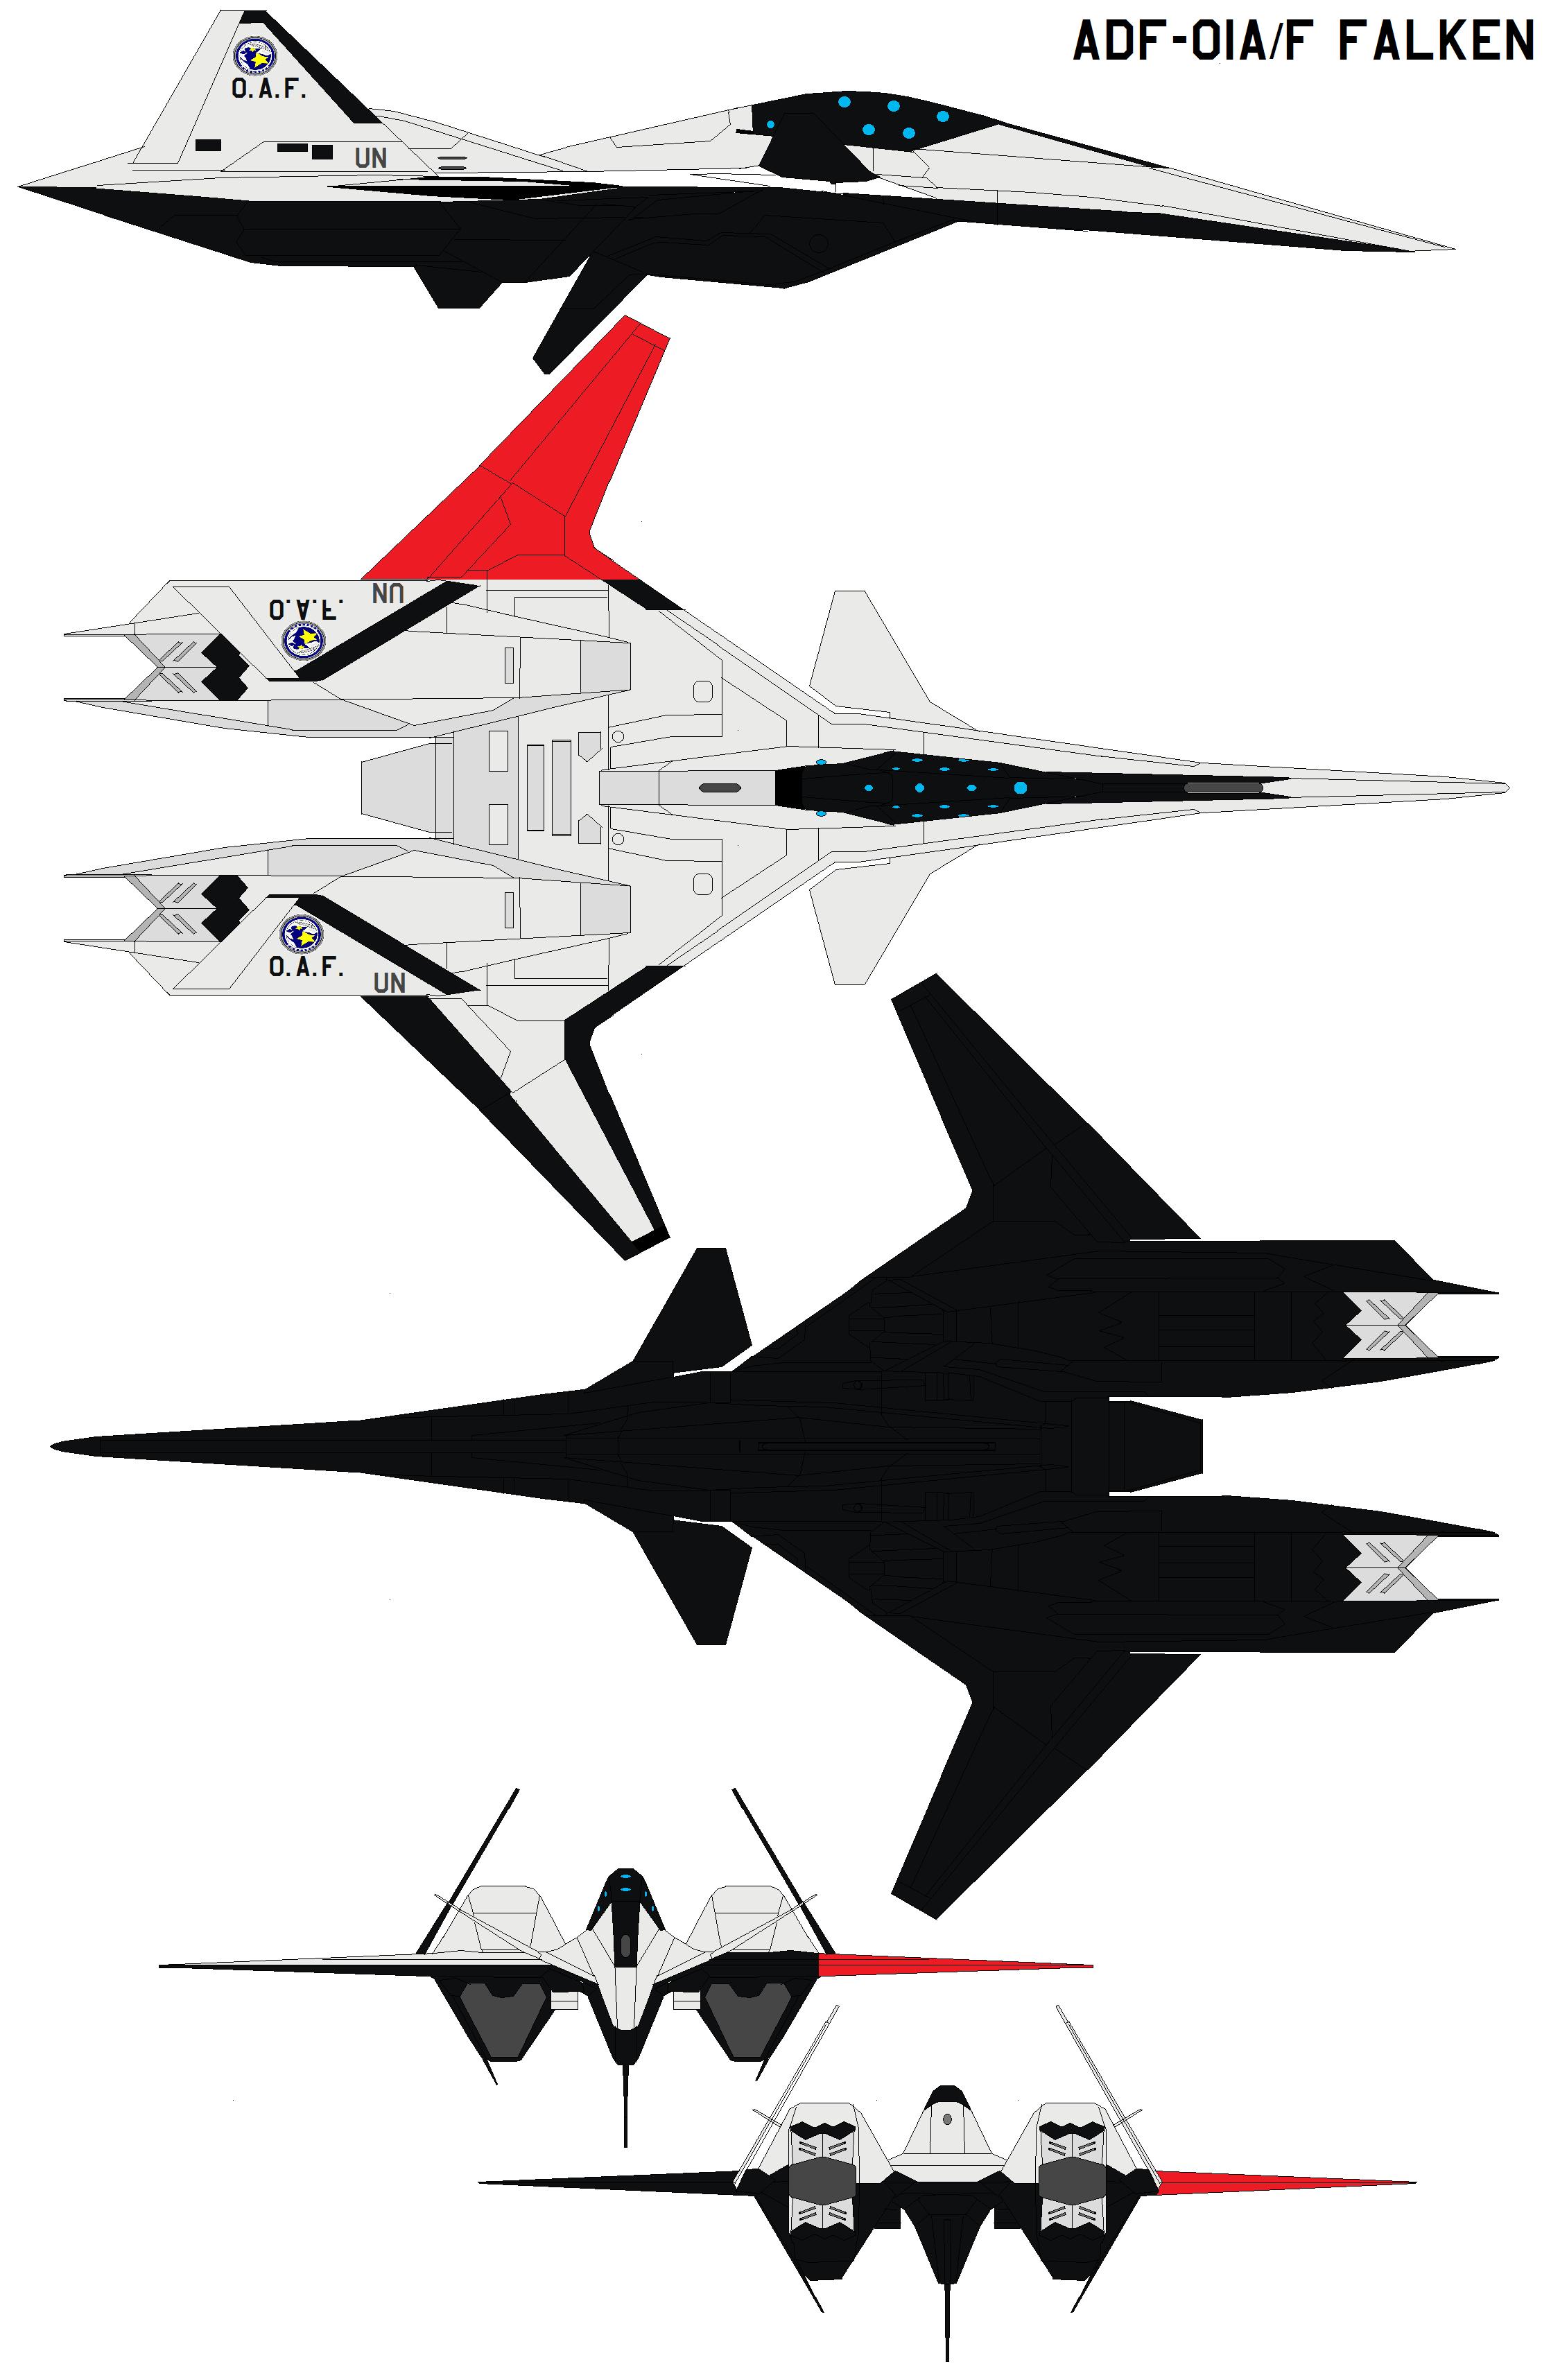 ADF-01AF FALKEN A by bagera3005 | Ace Combat | Falken